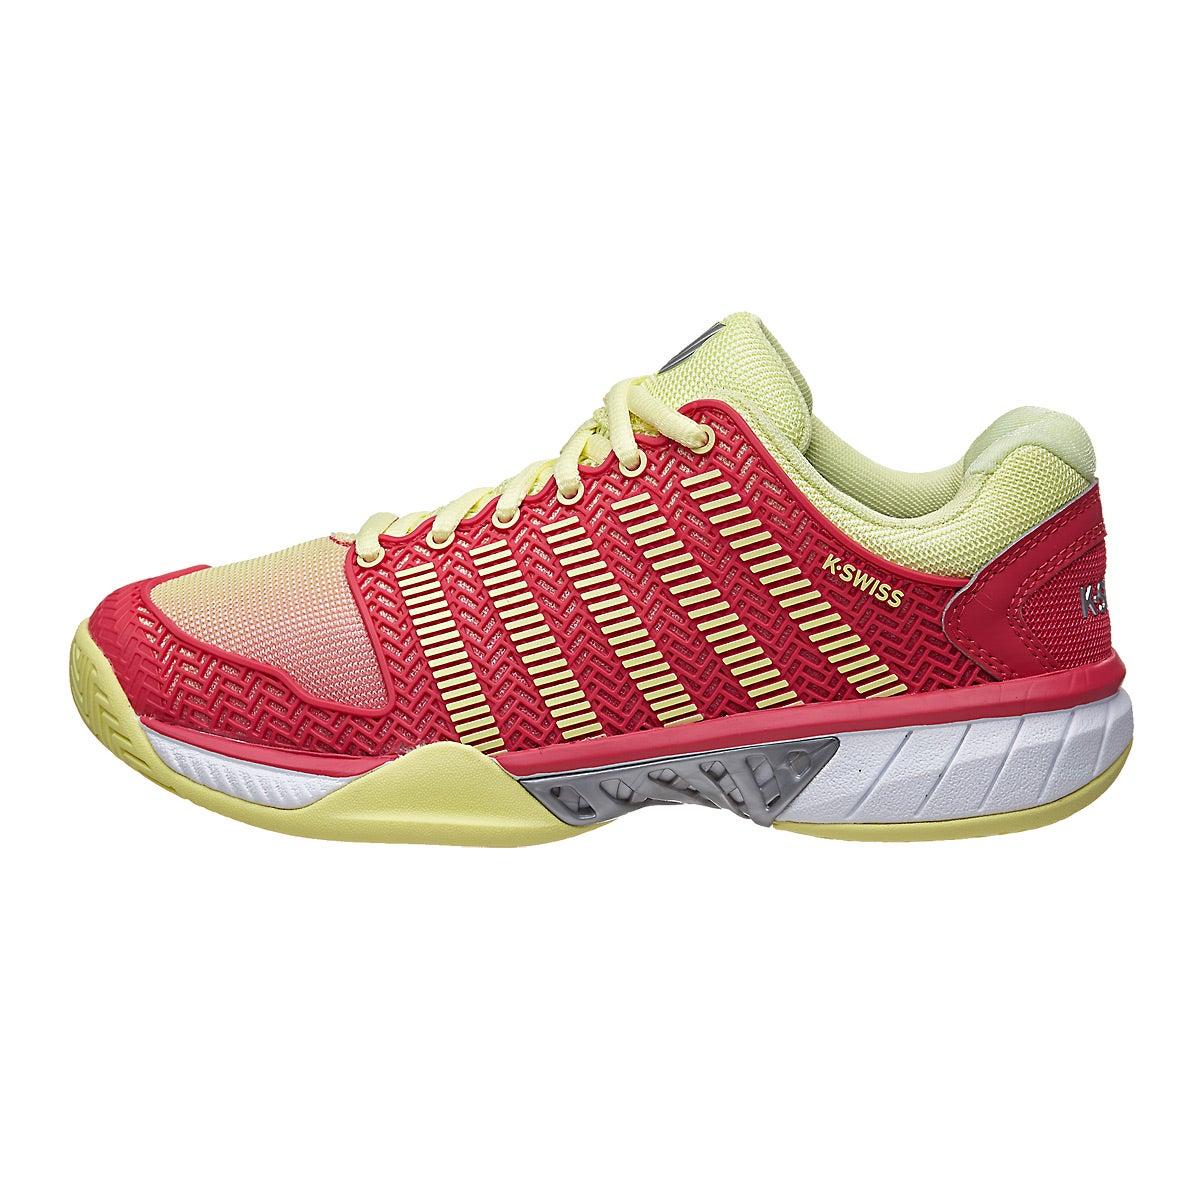 Tennis Warehouse Women S Shoes